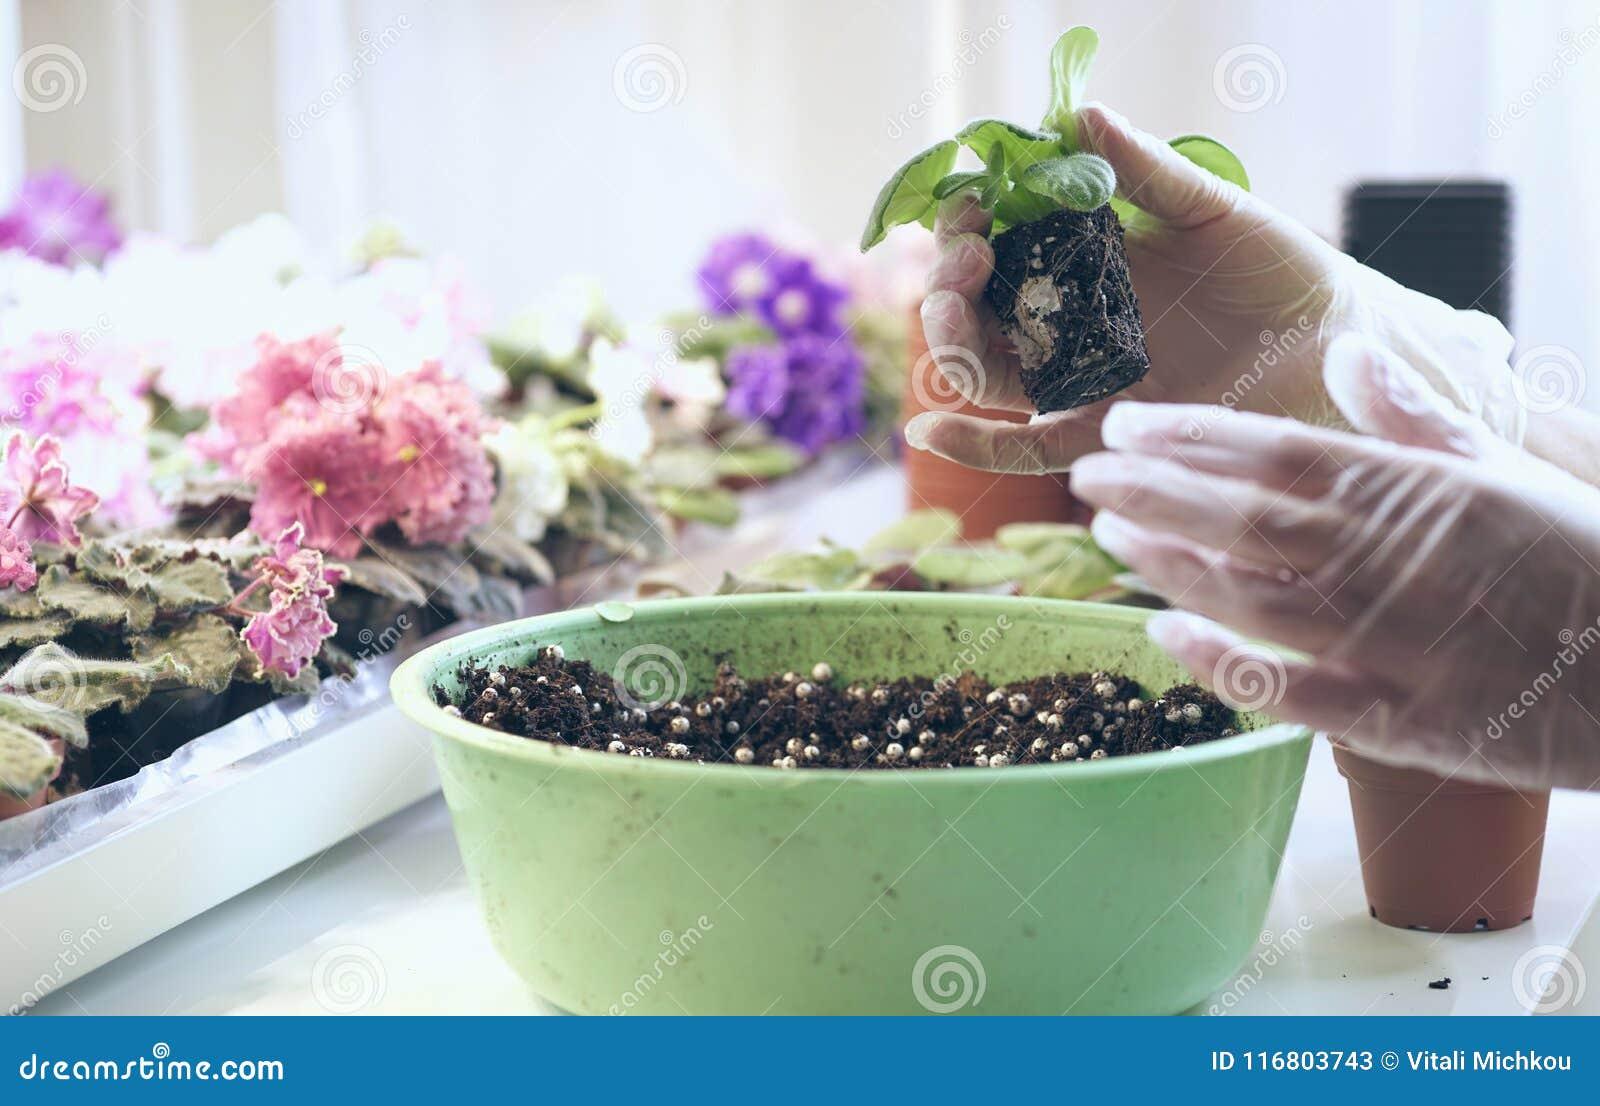 Crescita viola come svilupparsi viola Fiori del trapianto in vasi Viole del trapianto del fiorista piccole